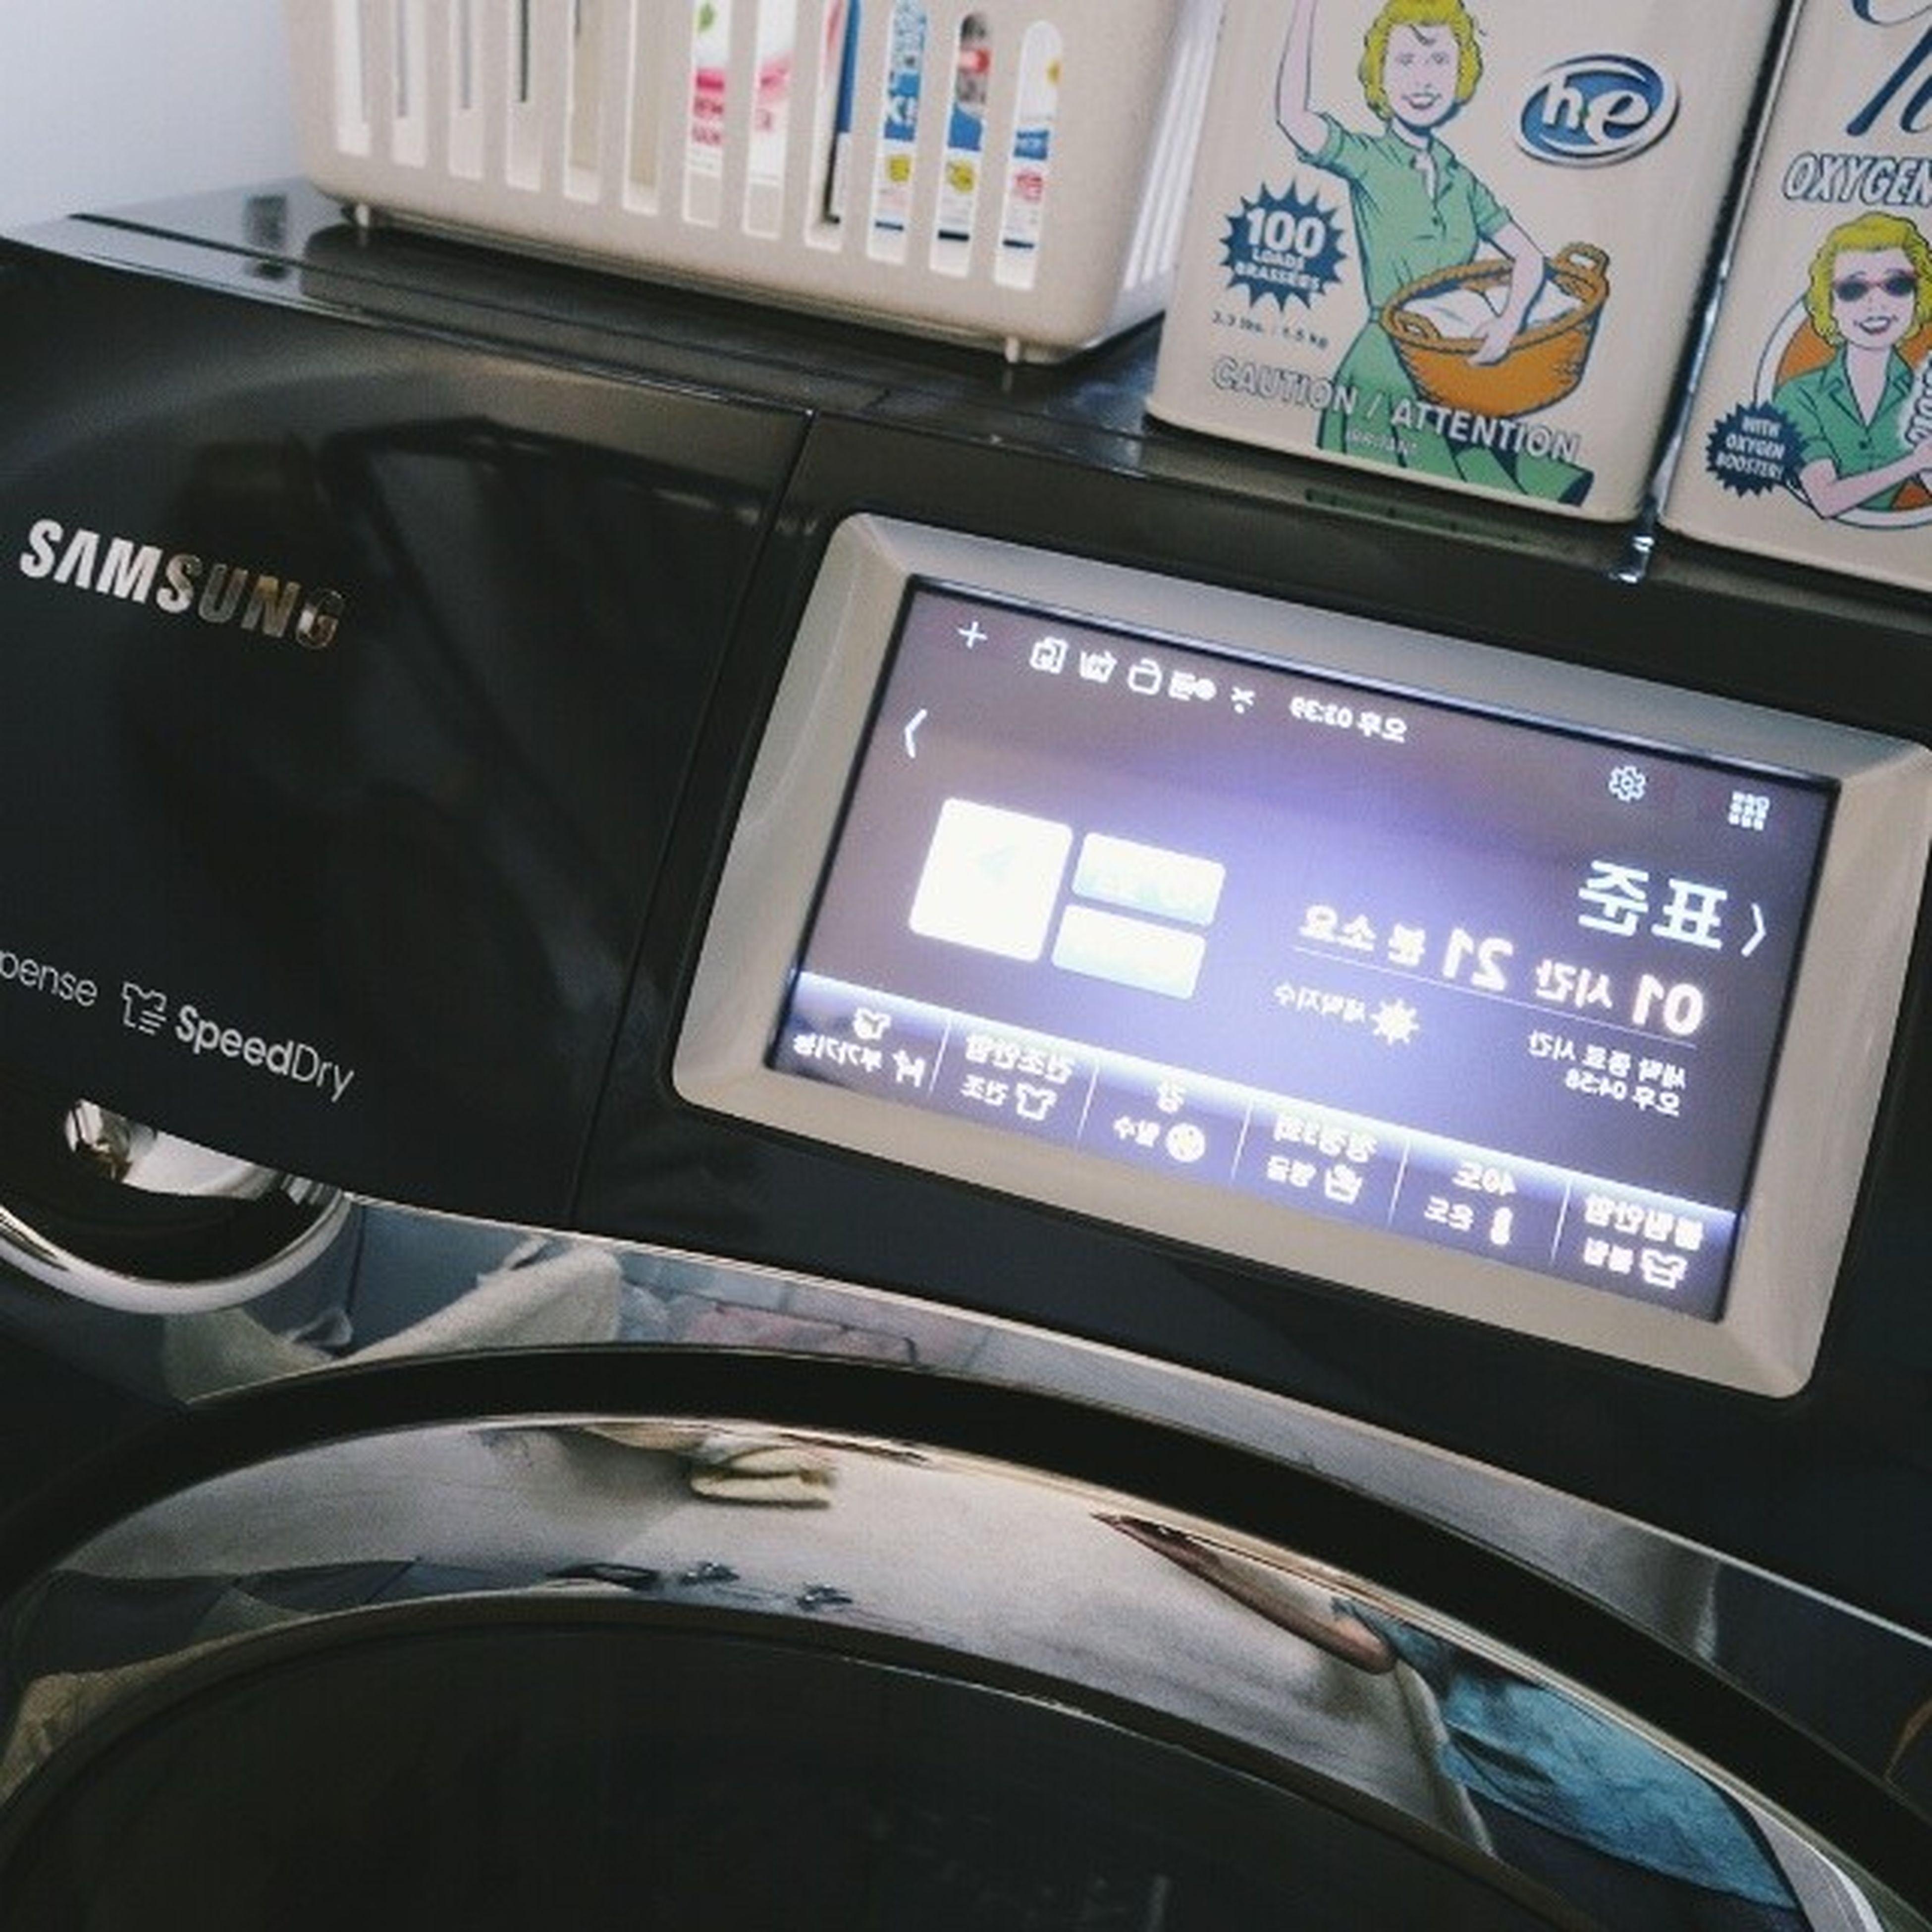 이제 세탁기까지 말썽...삼성 그지같네 진짜....LCD 화면이 거꾸로...금쪽같은 주말 날렸음? 삼성 버블샷3 절대 비추 광고는 다 사기임